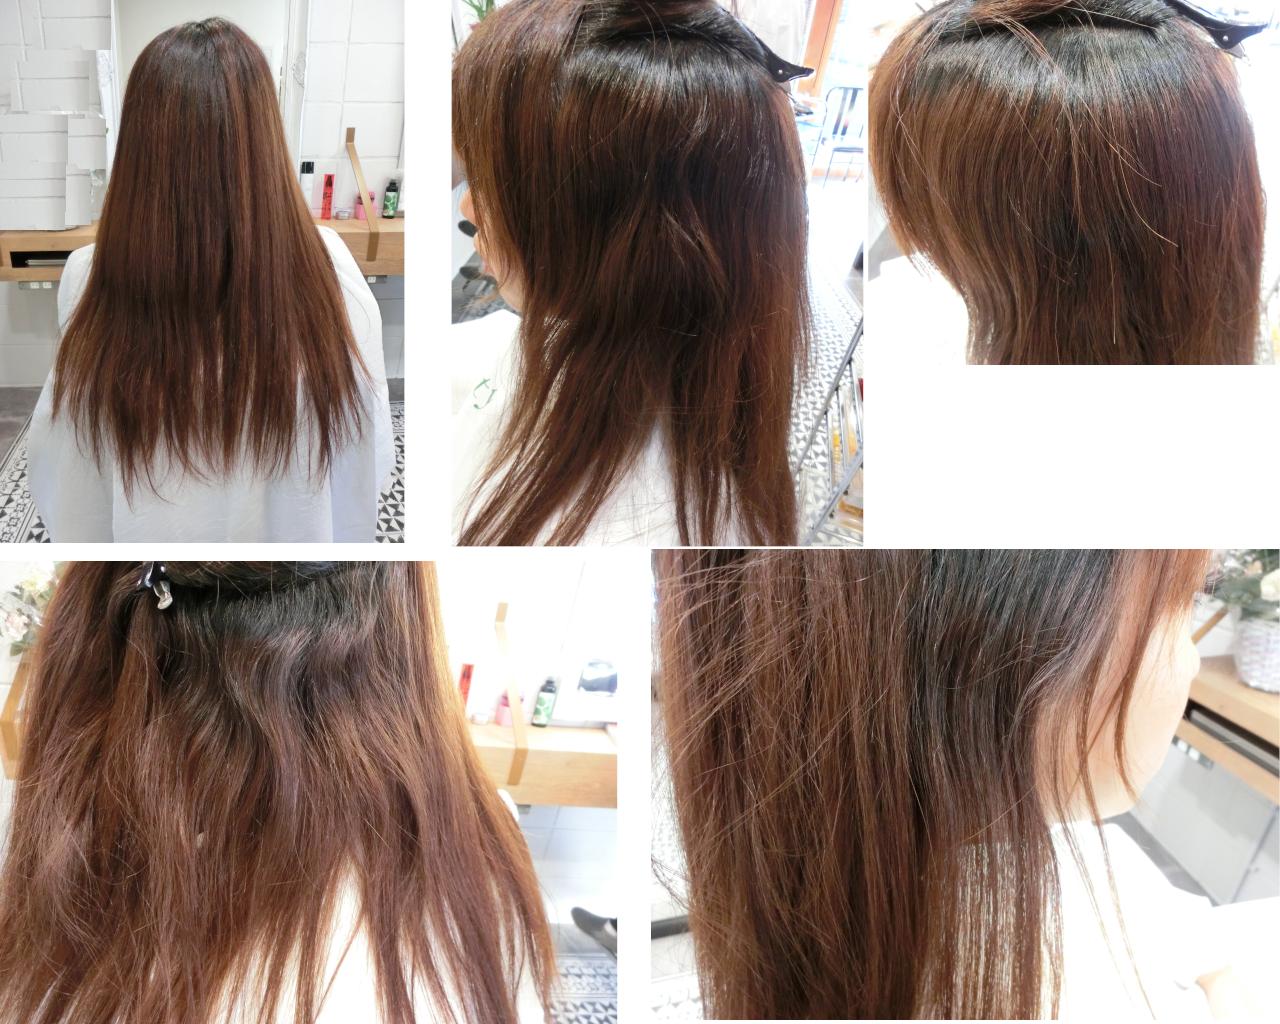 縮毛矯正 美髪髪質改善技術